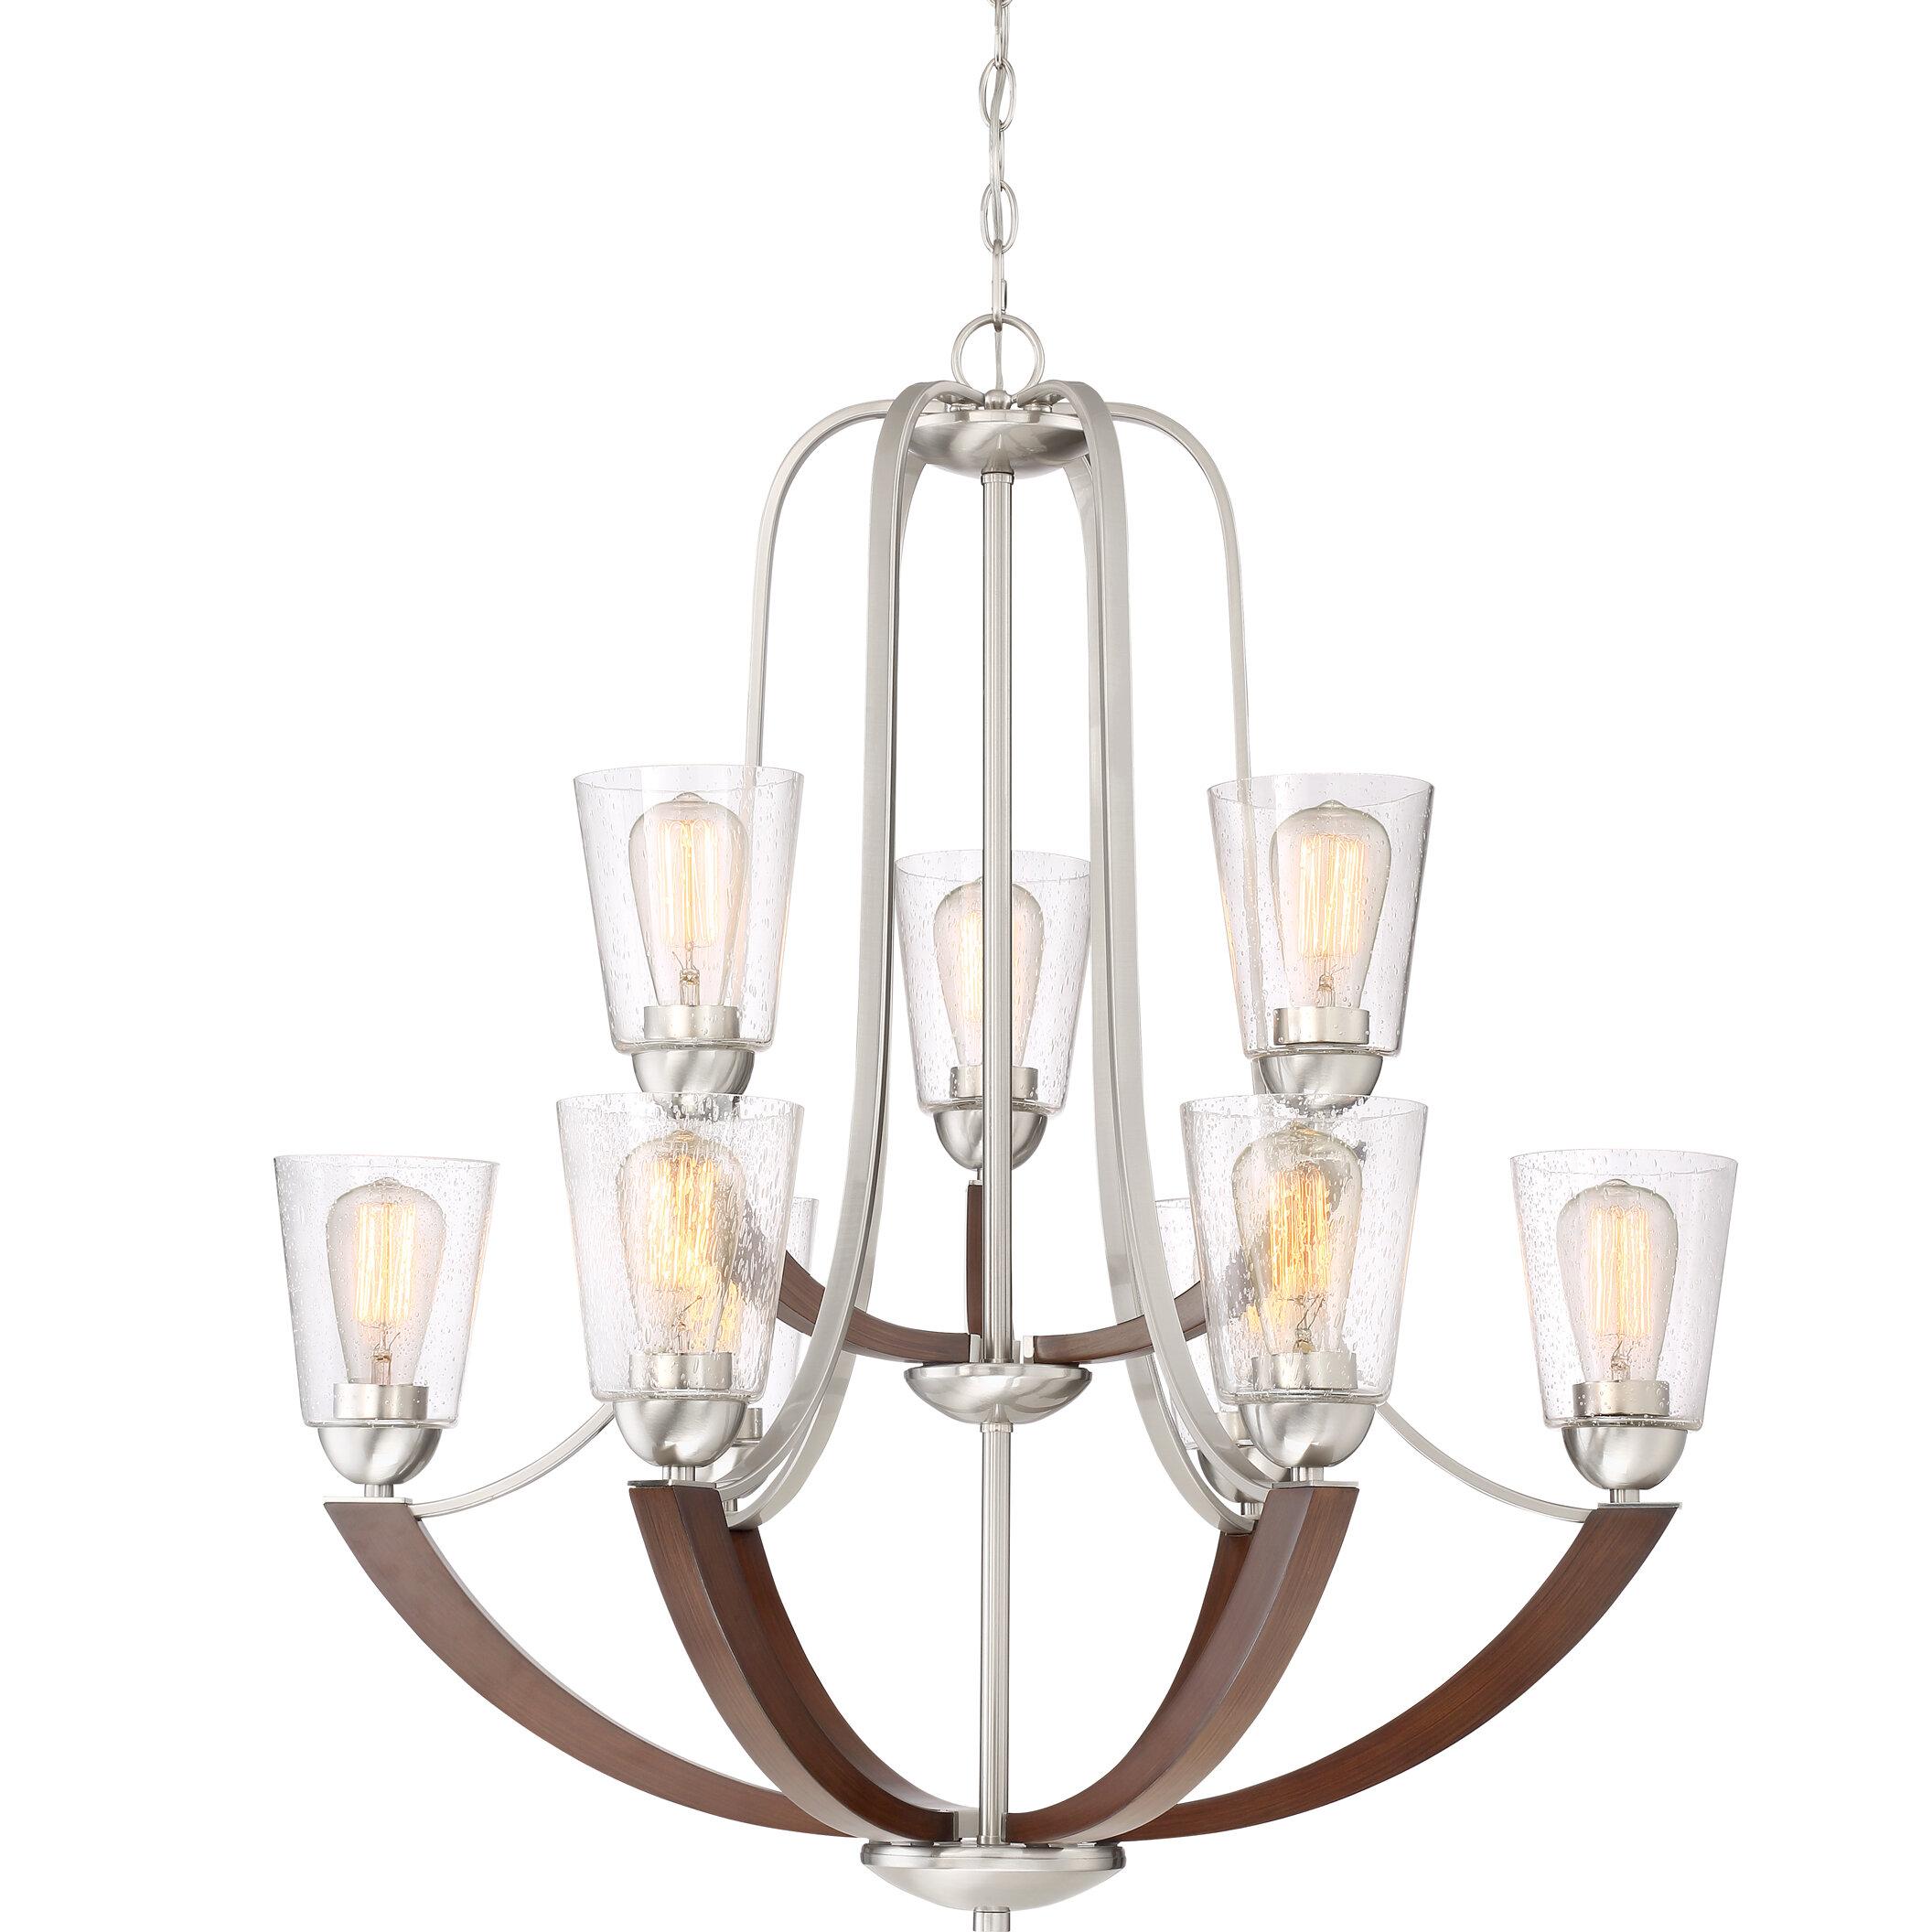 Loon peak chryses brushed nickel 9 light shaded chandelier wayfair